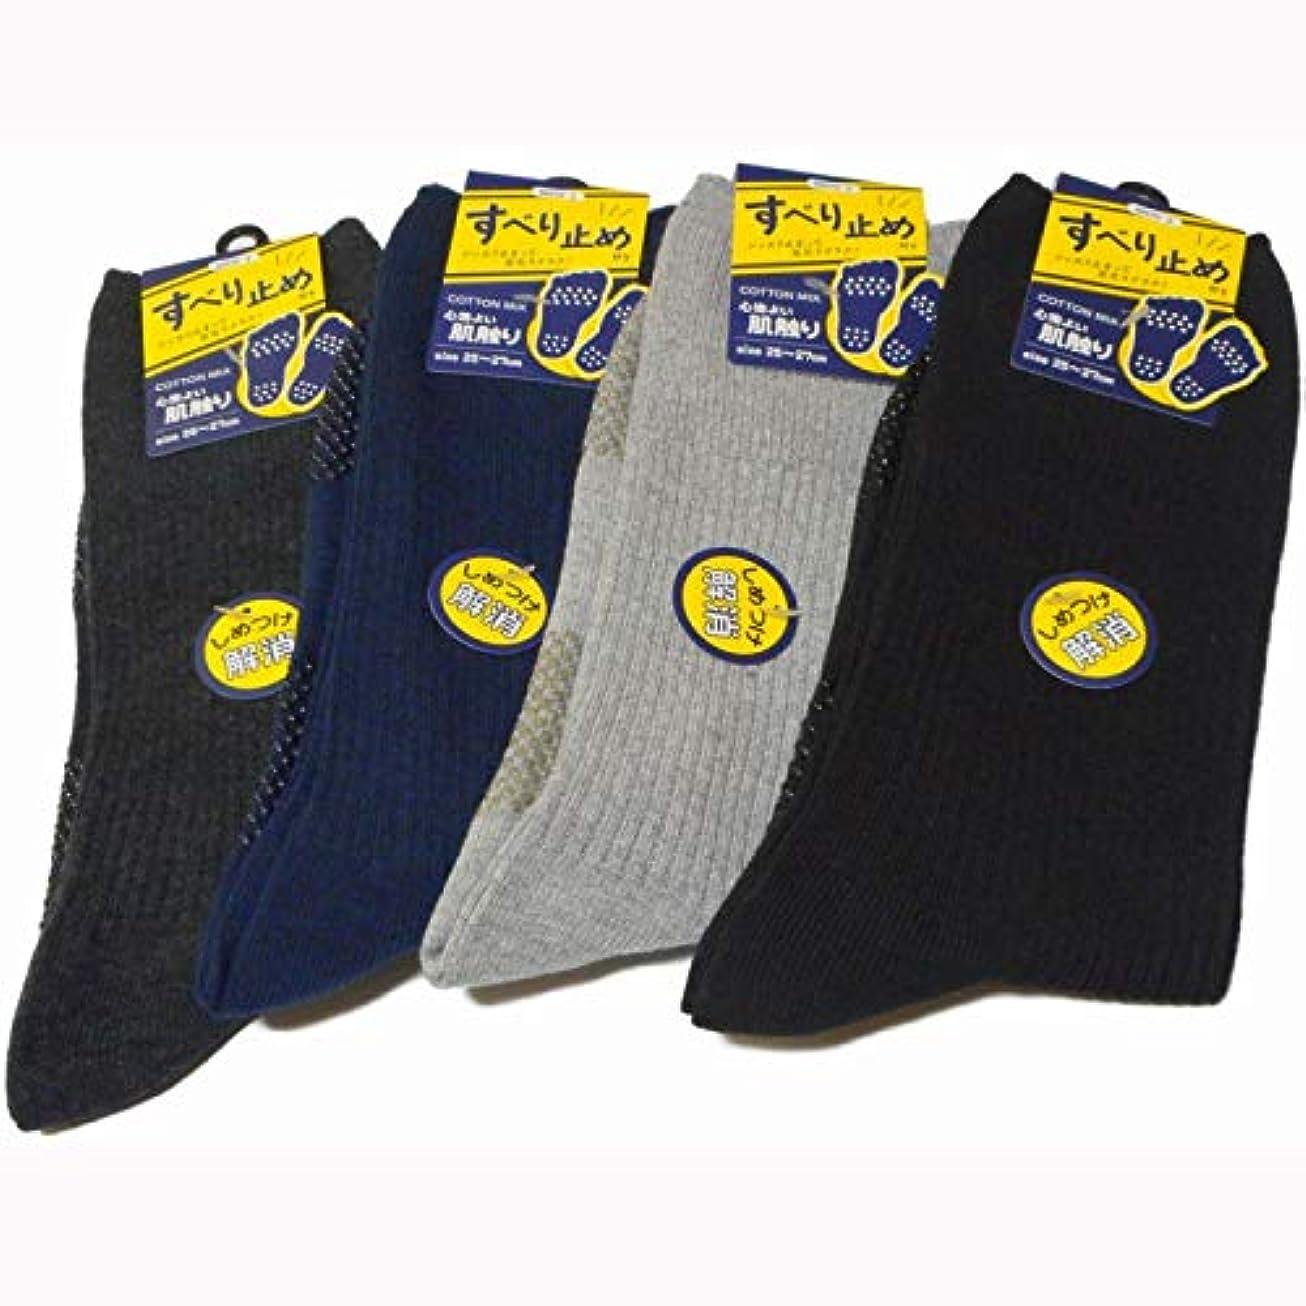 海港受動的商人靴下 メンズ ビジネスソックス 綿混 クチゴムゆったり 無地 滑り止め付 25-27cm 4足組 (色はお任せ)